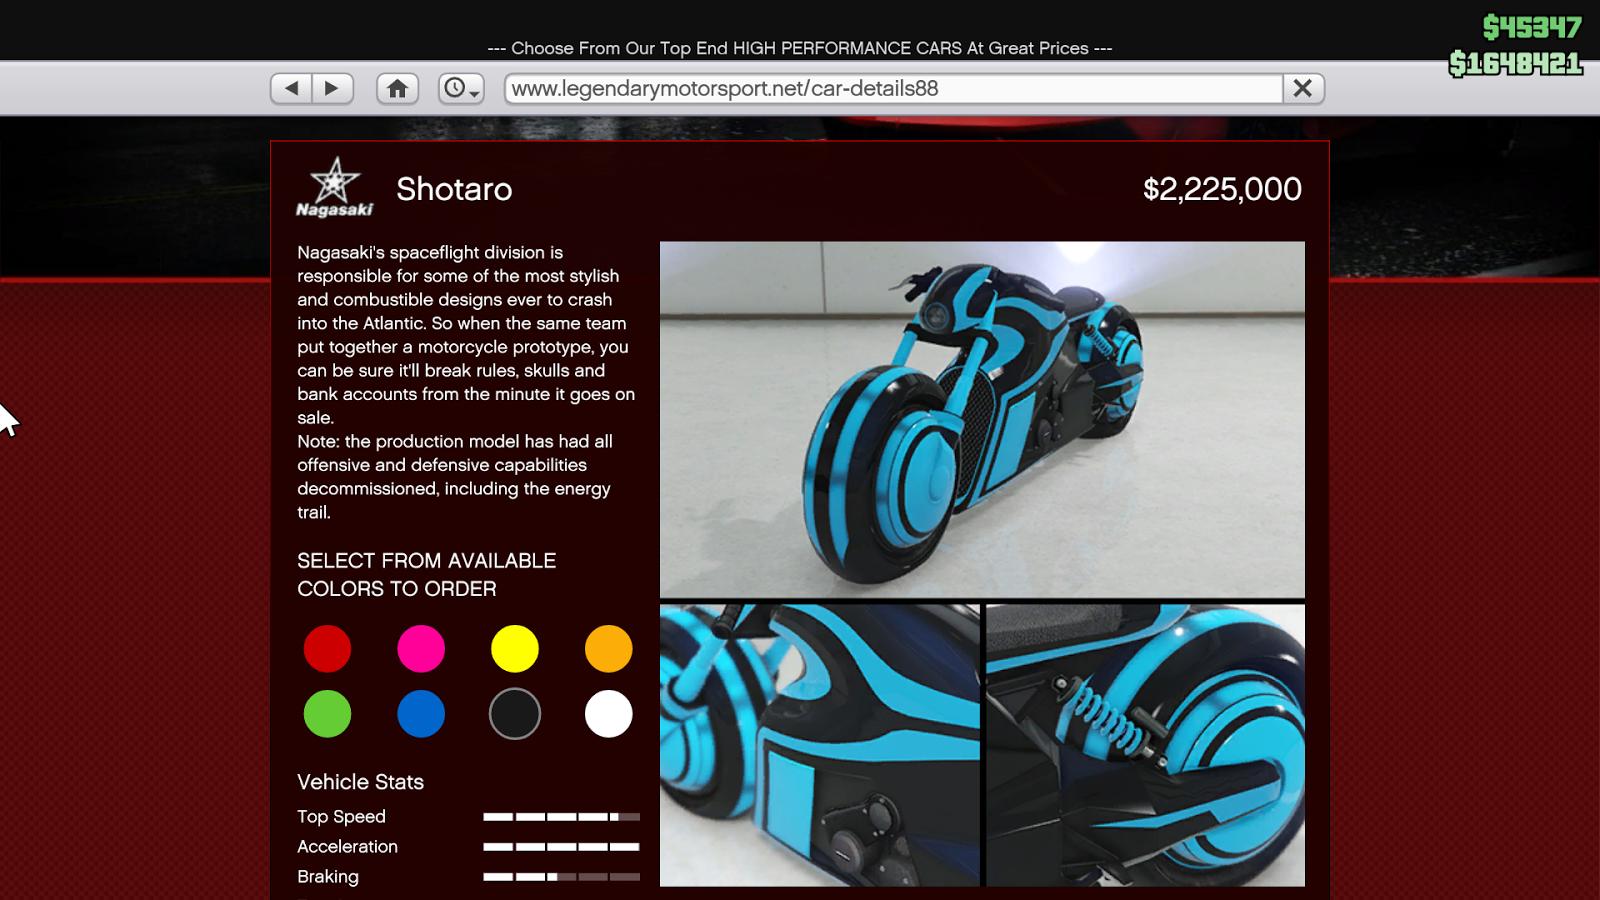 Deadline дополнение для GTA Online: мотоцикл Shotaro